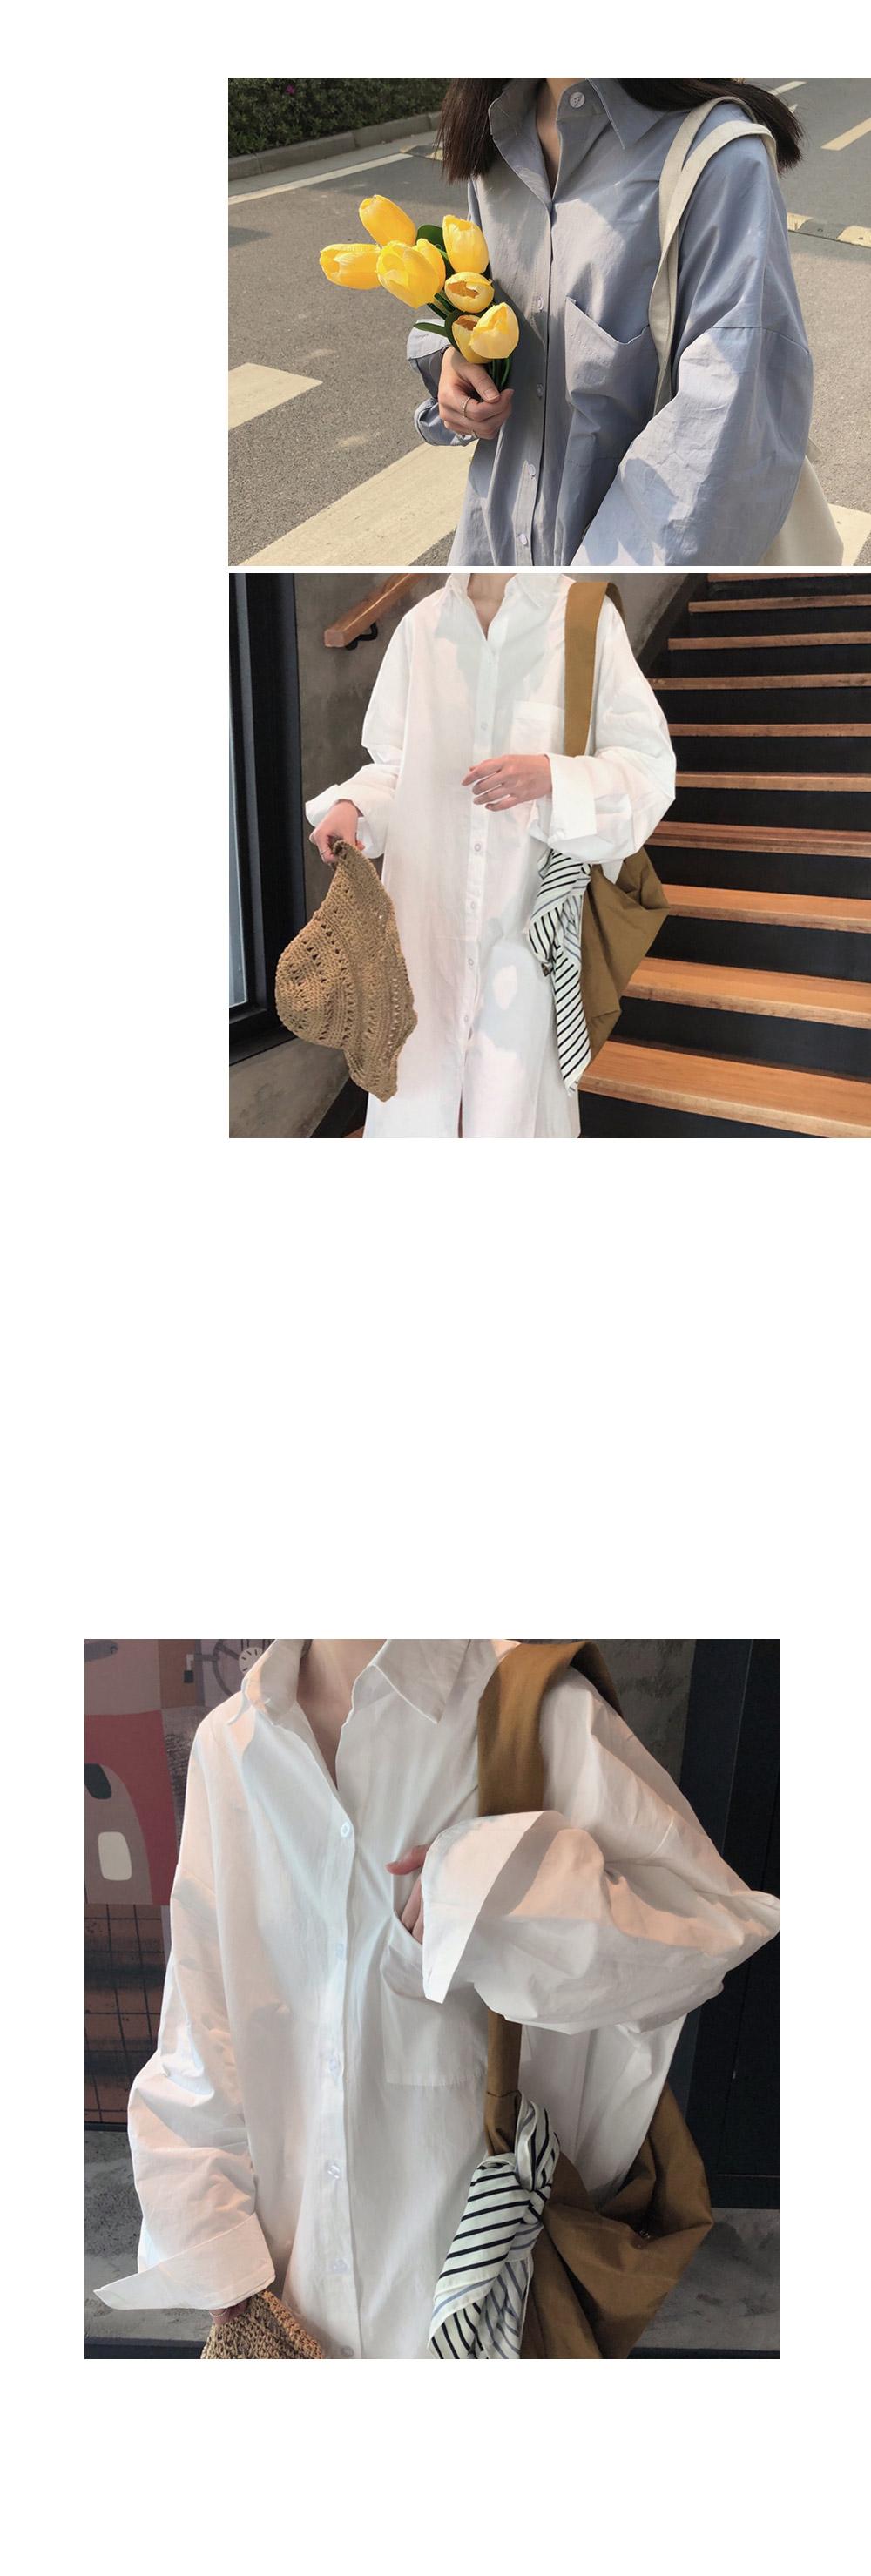 크로아 롱 박스 셔츠